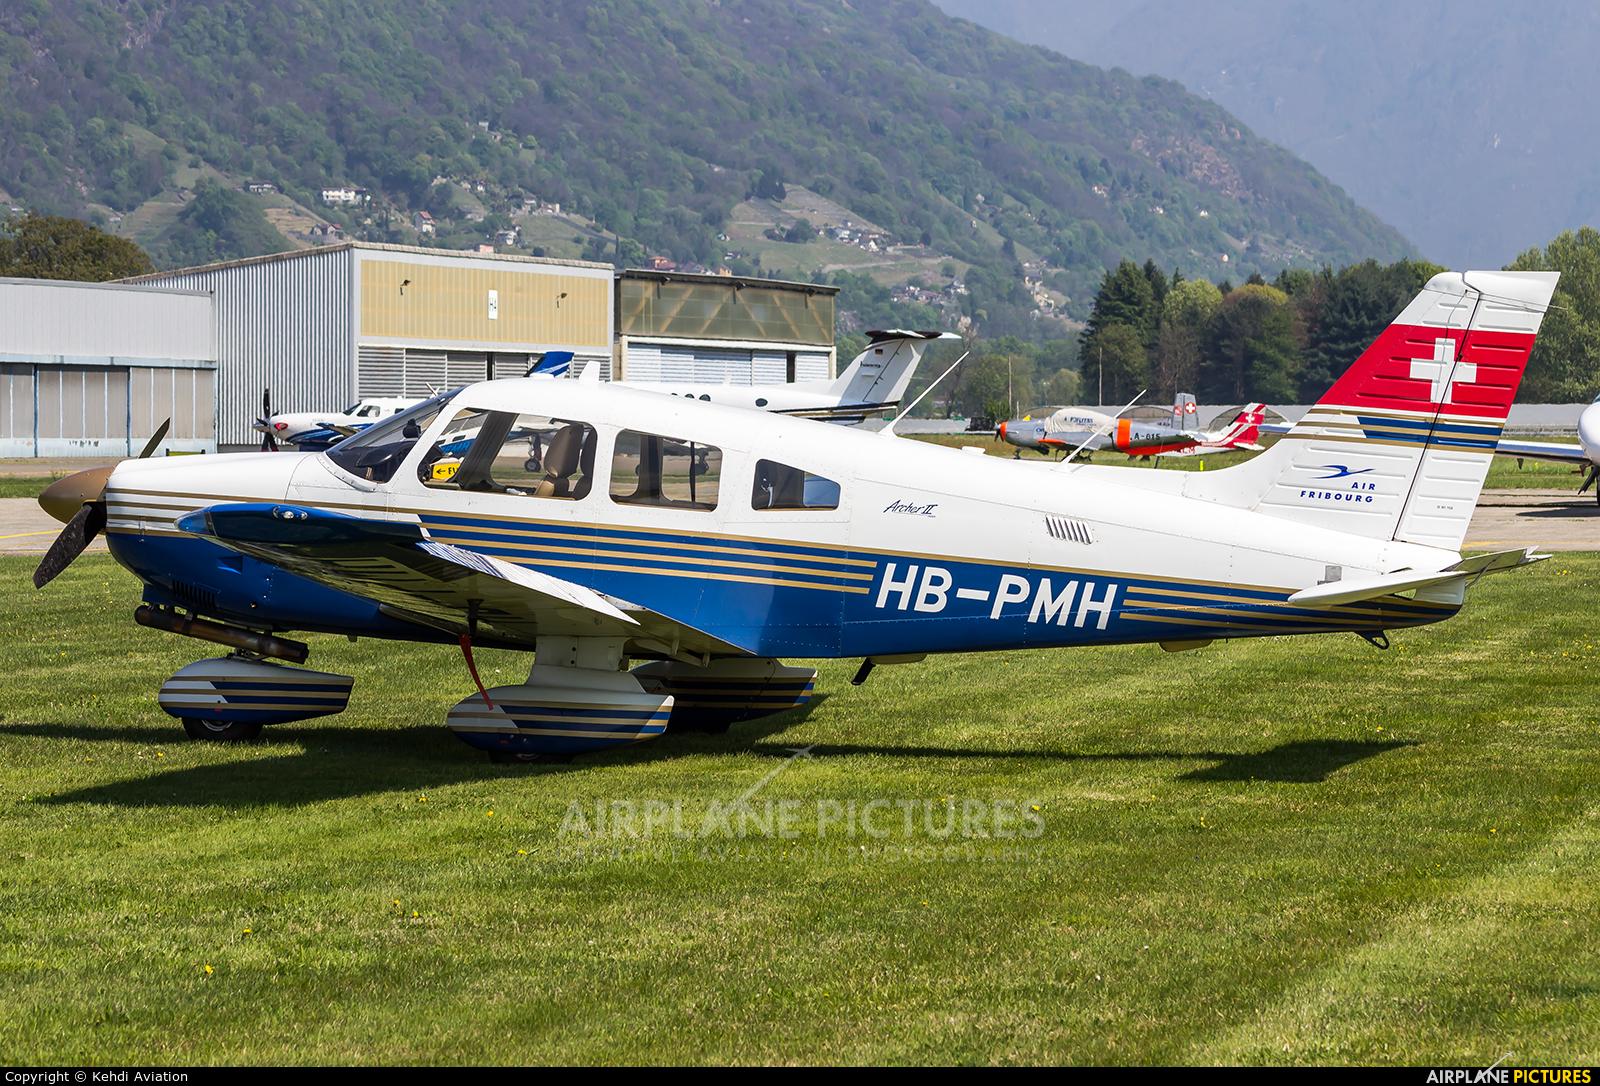 Private HB-PMH aircraft at Locarno